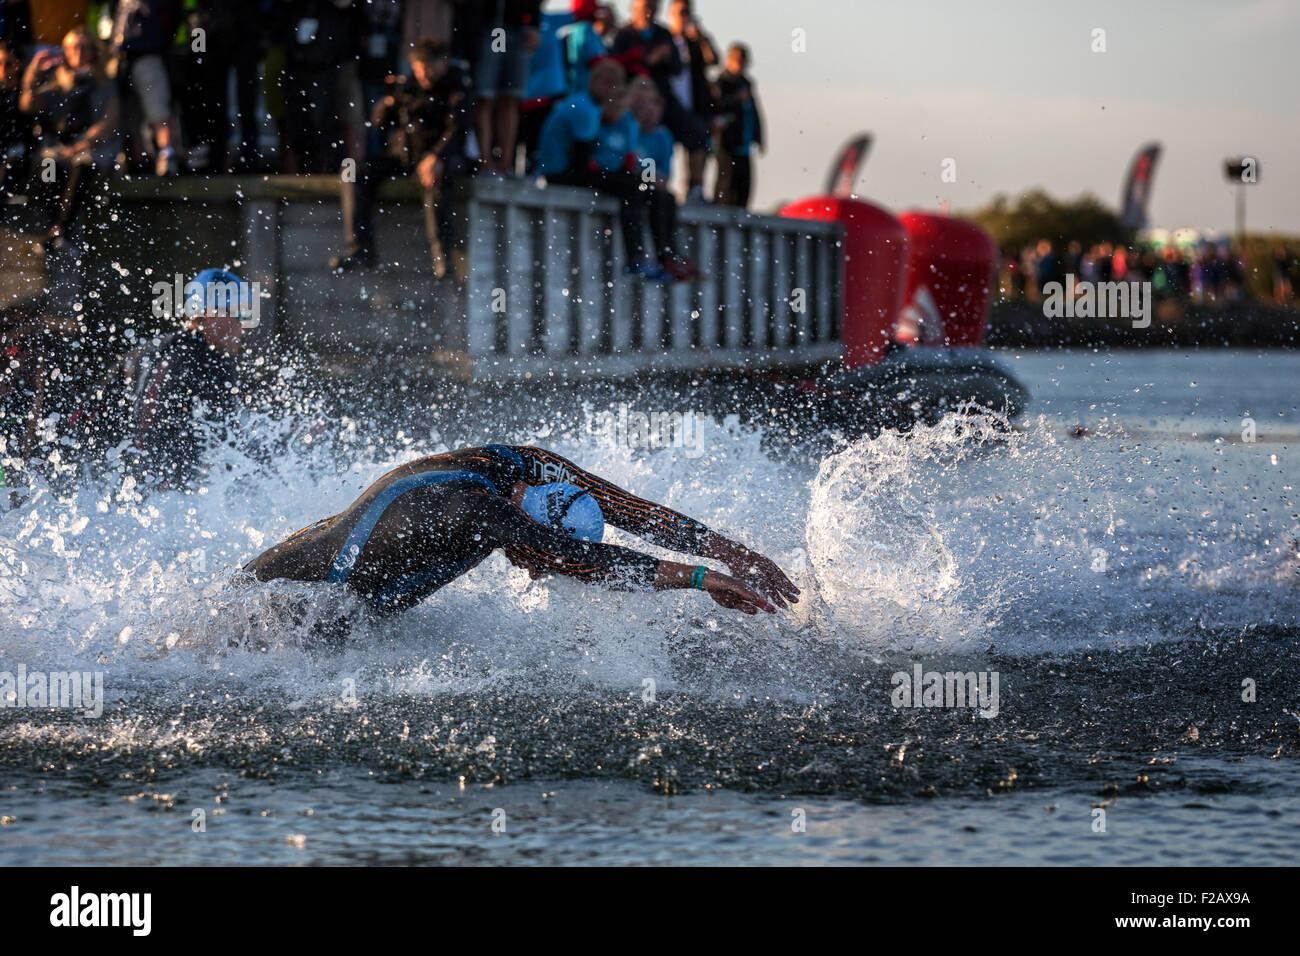 Los participantes en el triatlón Ironman empezar la carrera en el surf, Amager Strandpark, Copenhague, Dinamarca Imagen De Stock